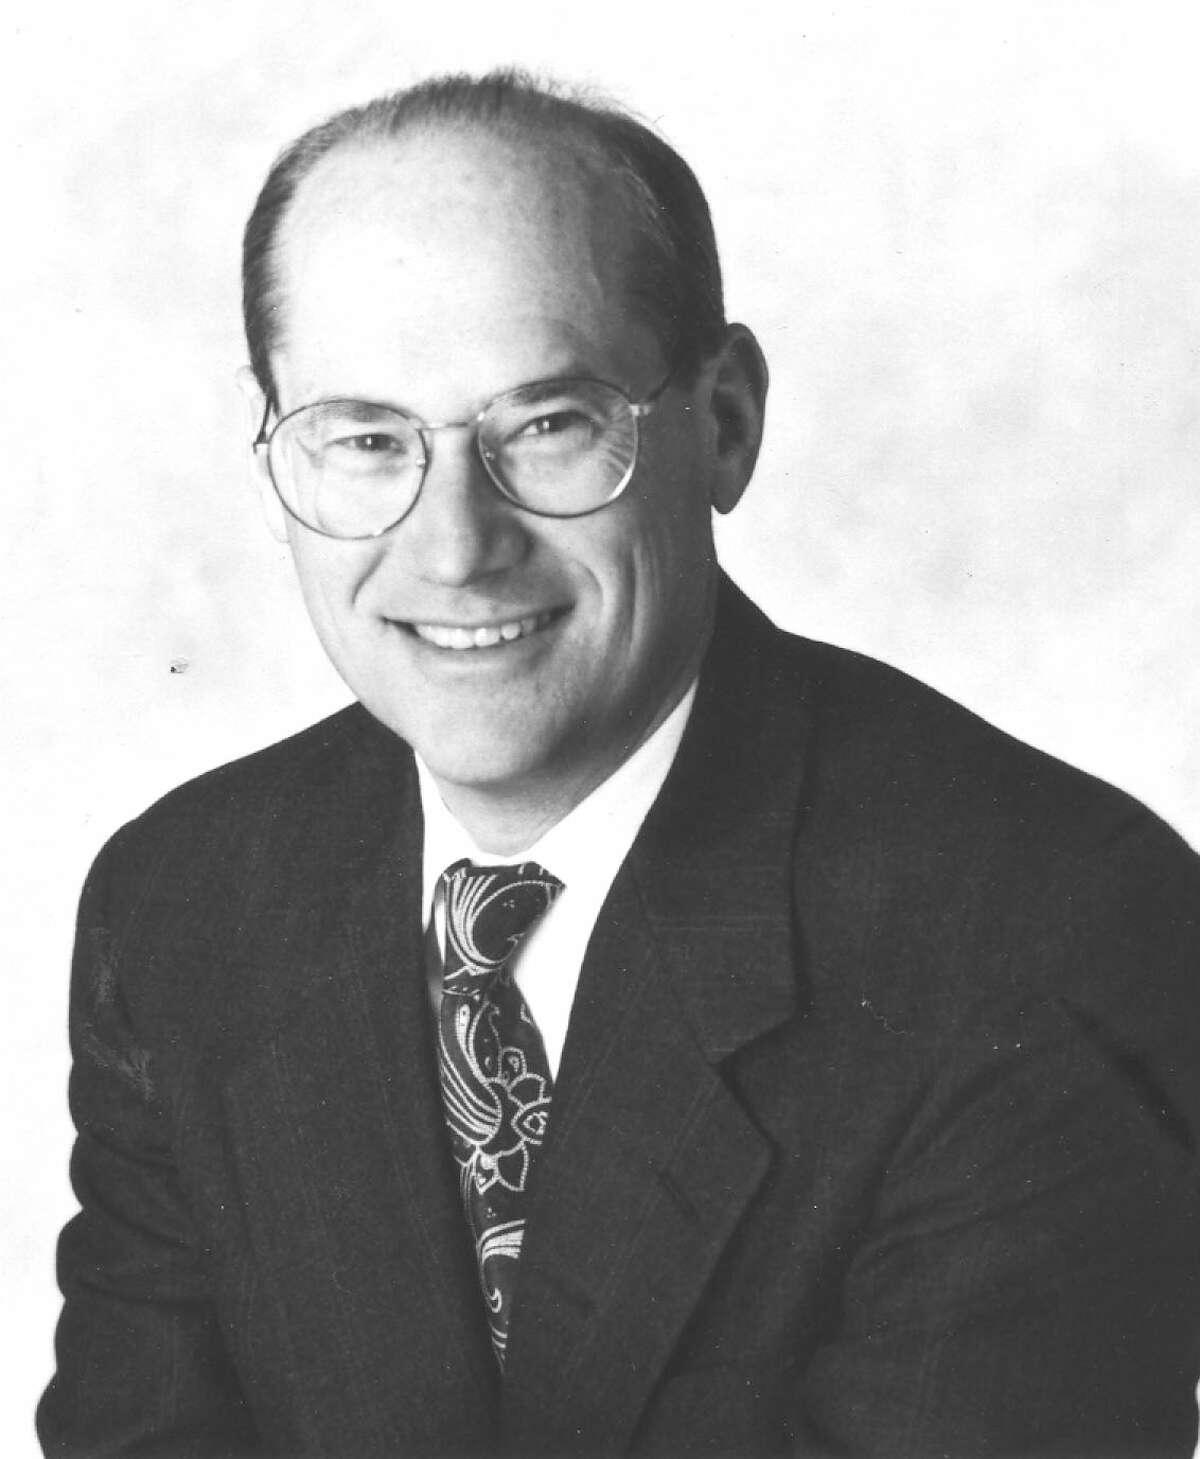 Arthur Selkowitz around 1997.